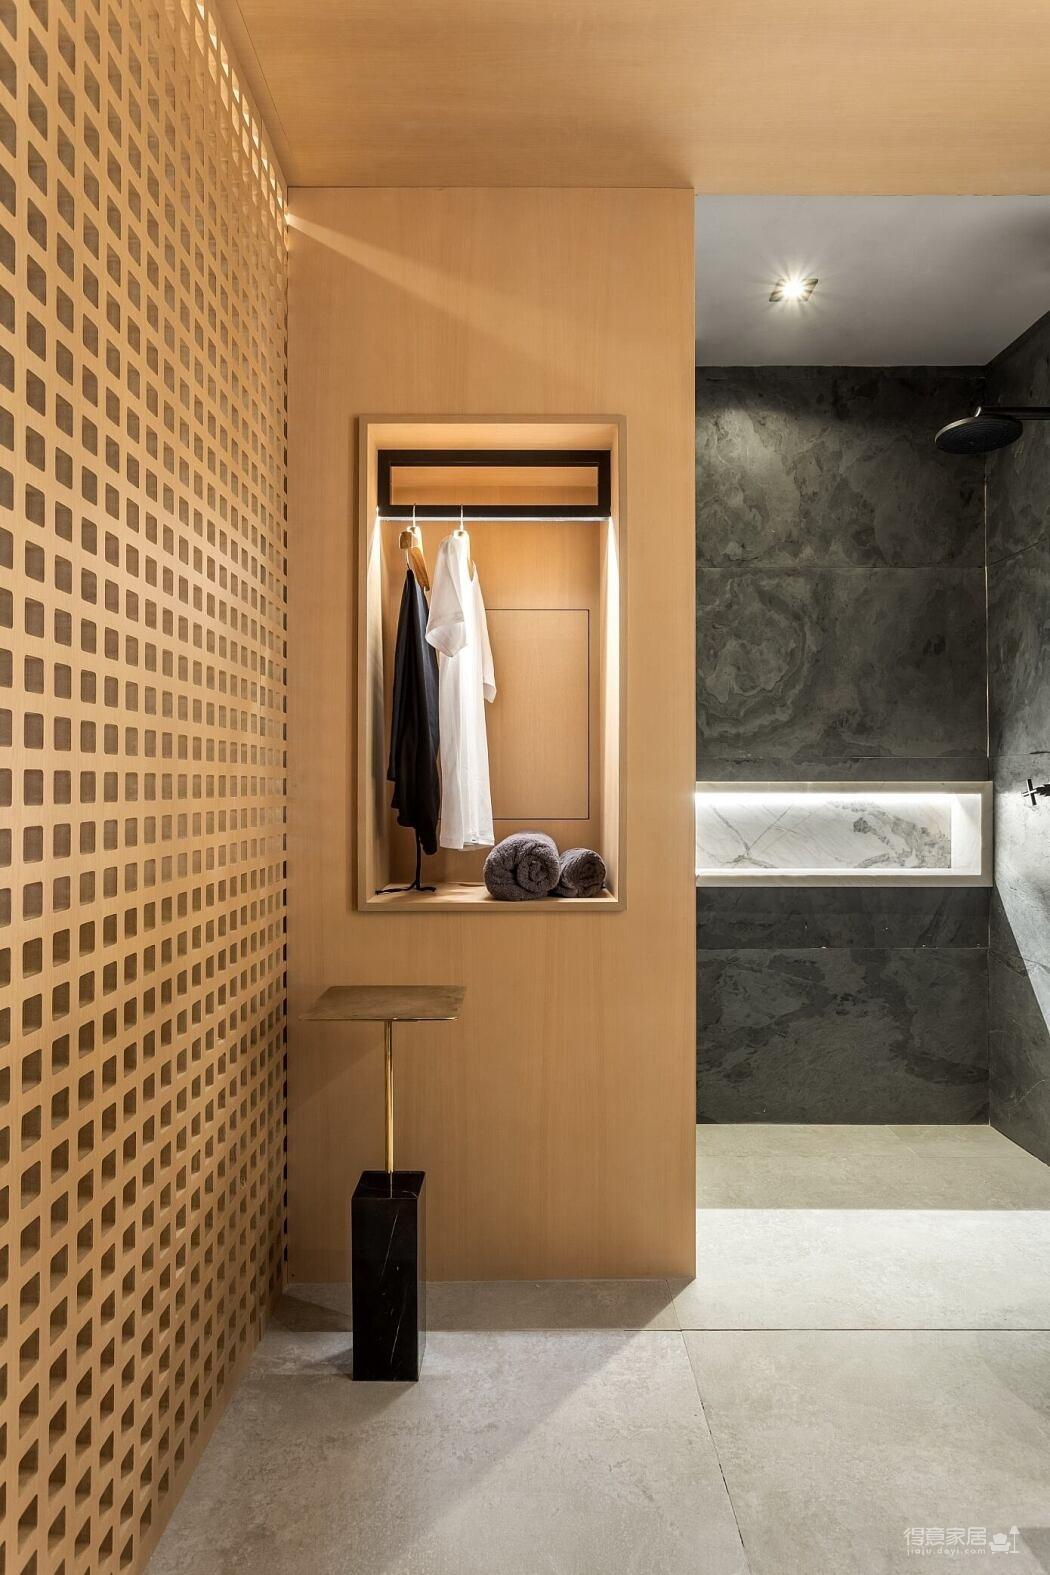 理想化的生活阁楼,木质元素简洁自然